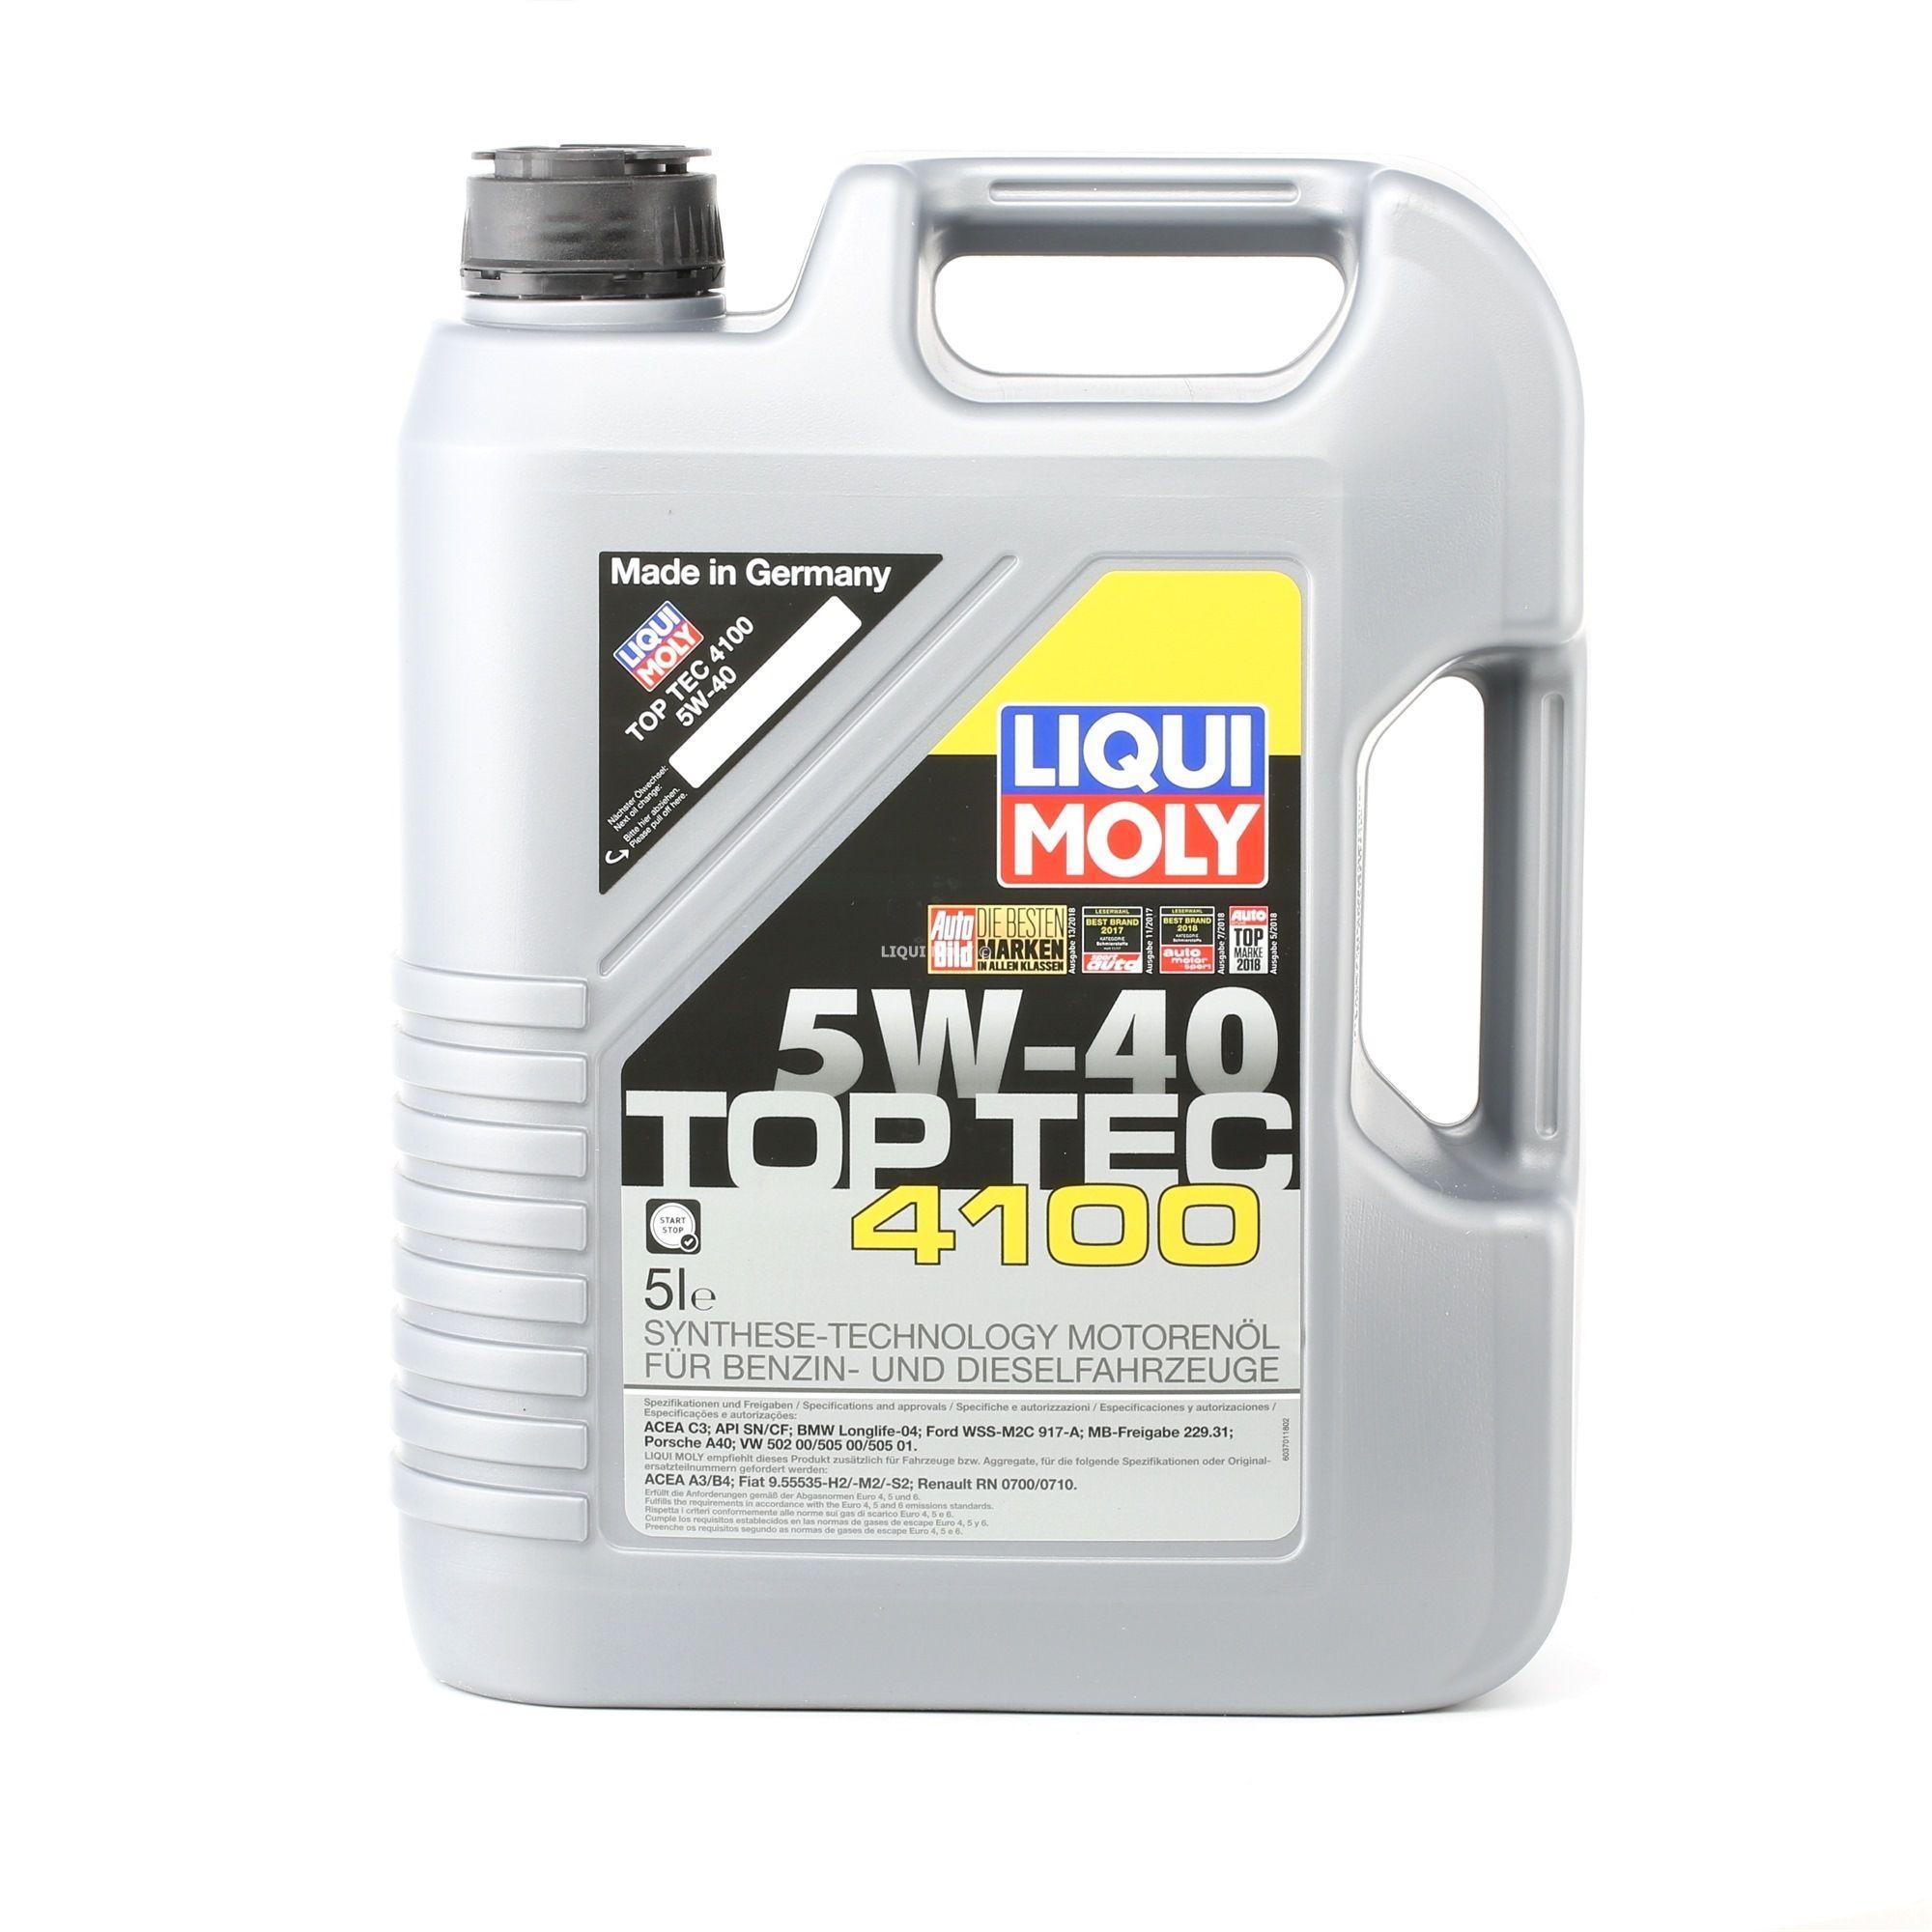 Comprare RenaultRN0710 LIQUI MOLY Top Tec, 4100 5W-40, 5l, Olio sintetico Olio motore 3701 poco costoso